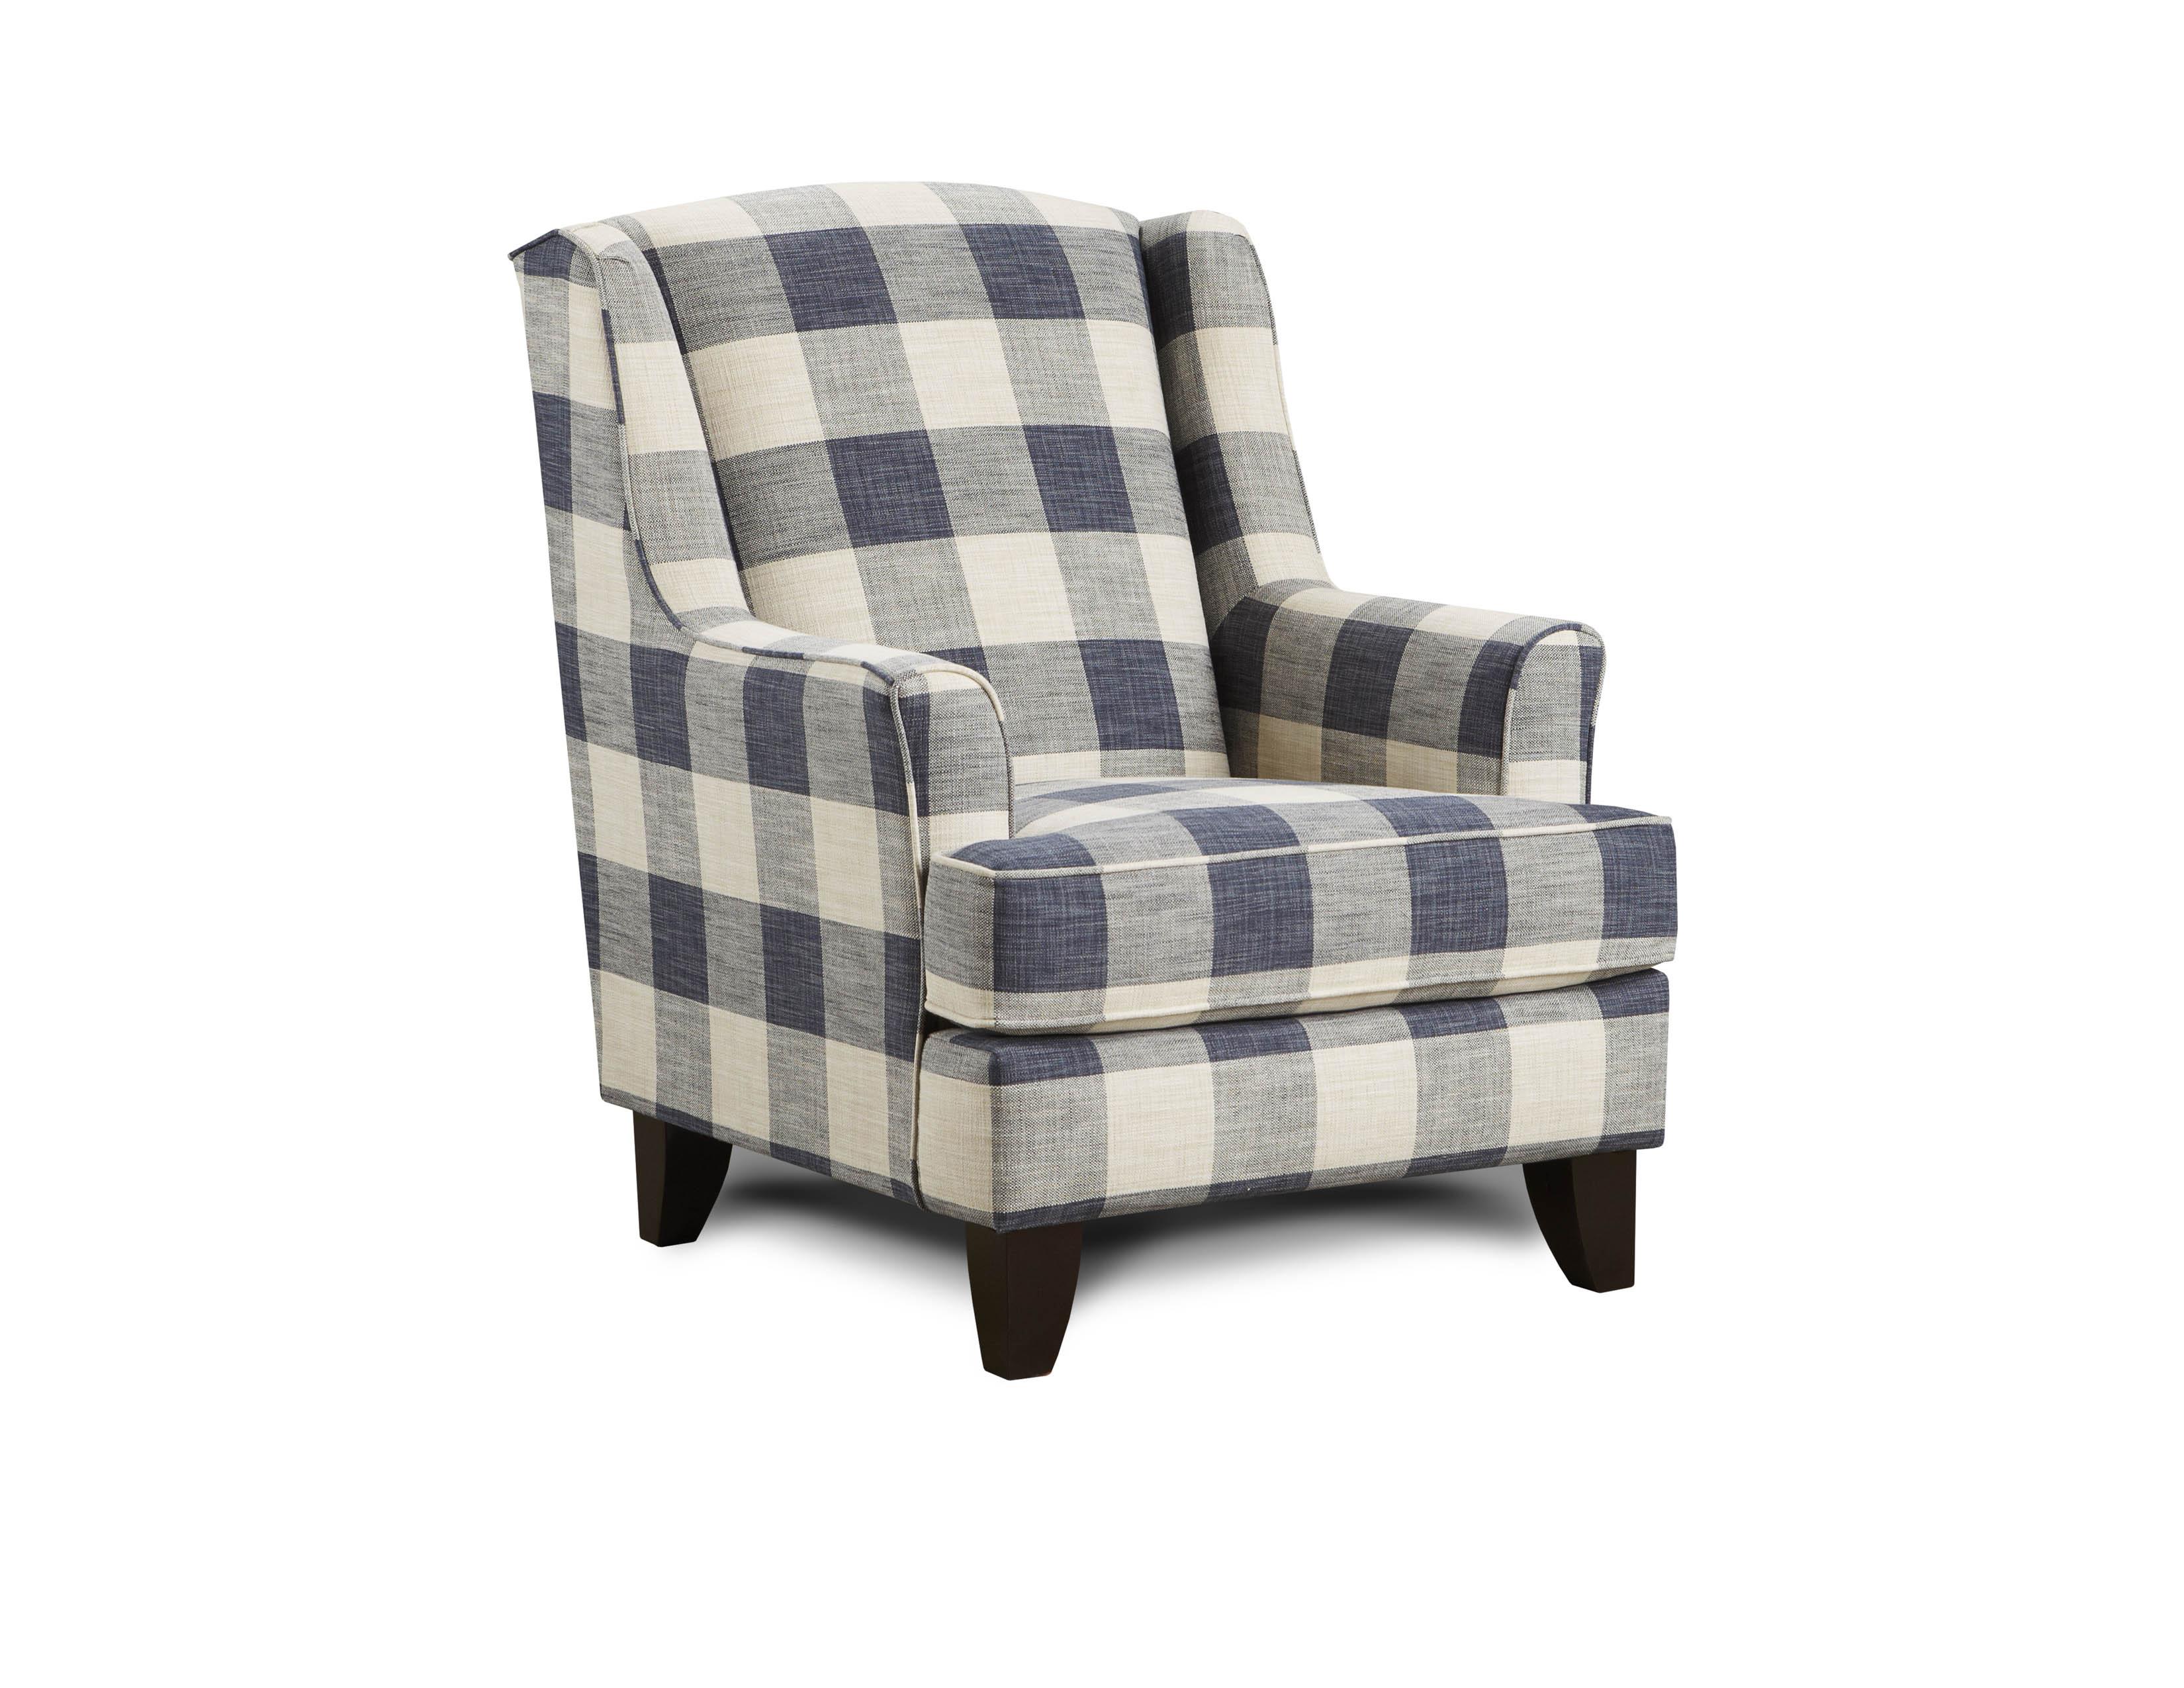 Yucatan Indigo Fusion Furniture chair, Catalina Linen collection